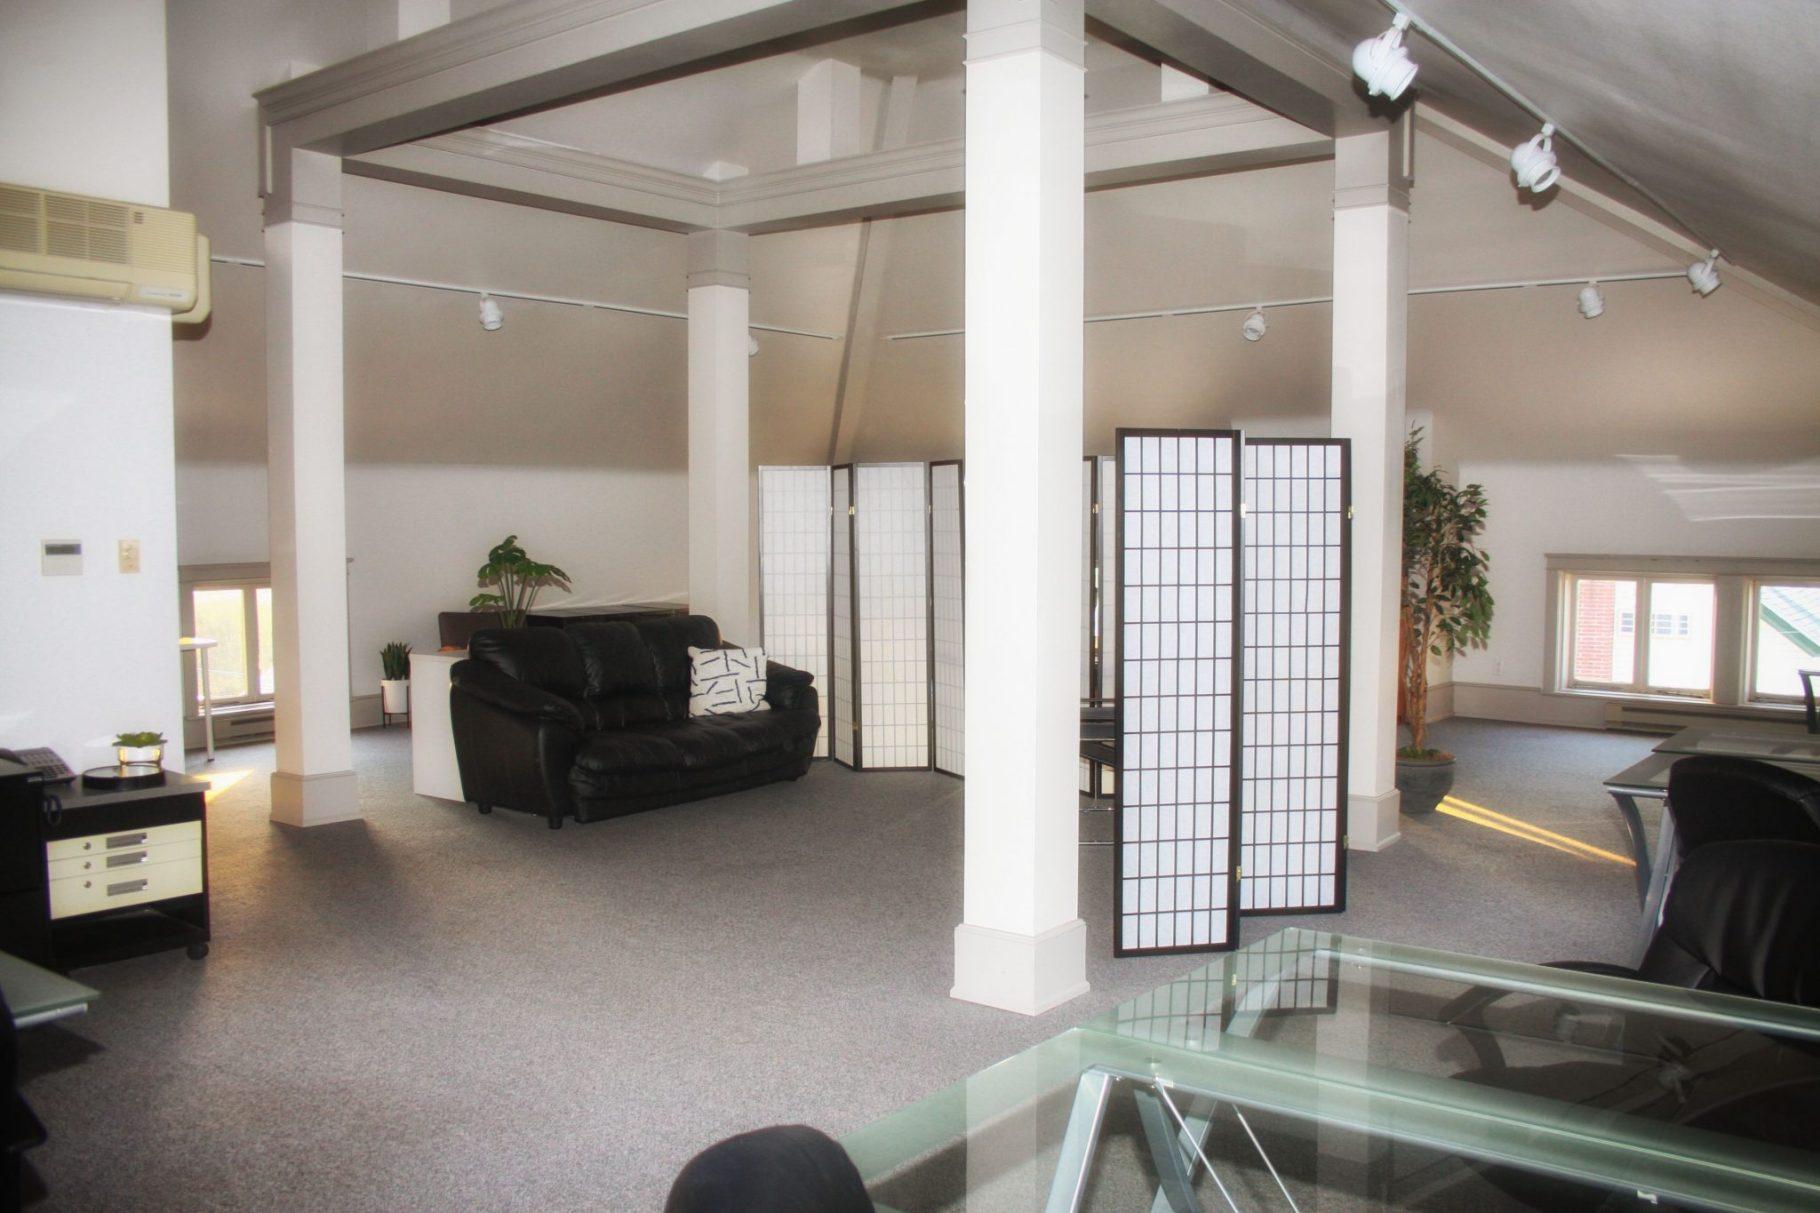 Sheboygan Conference Center